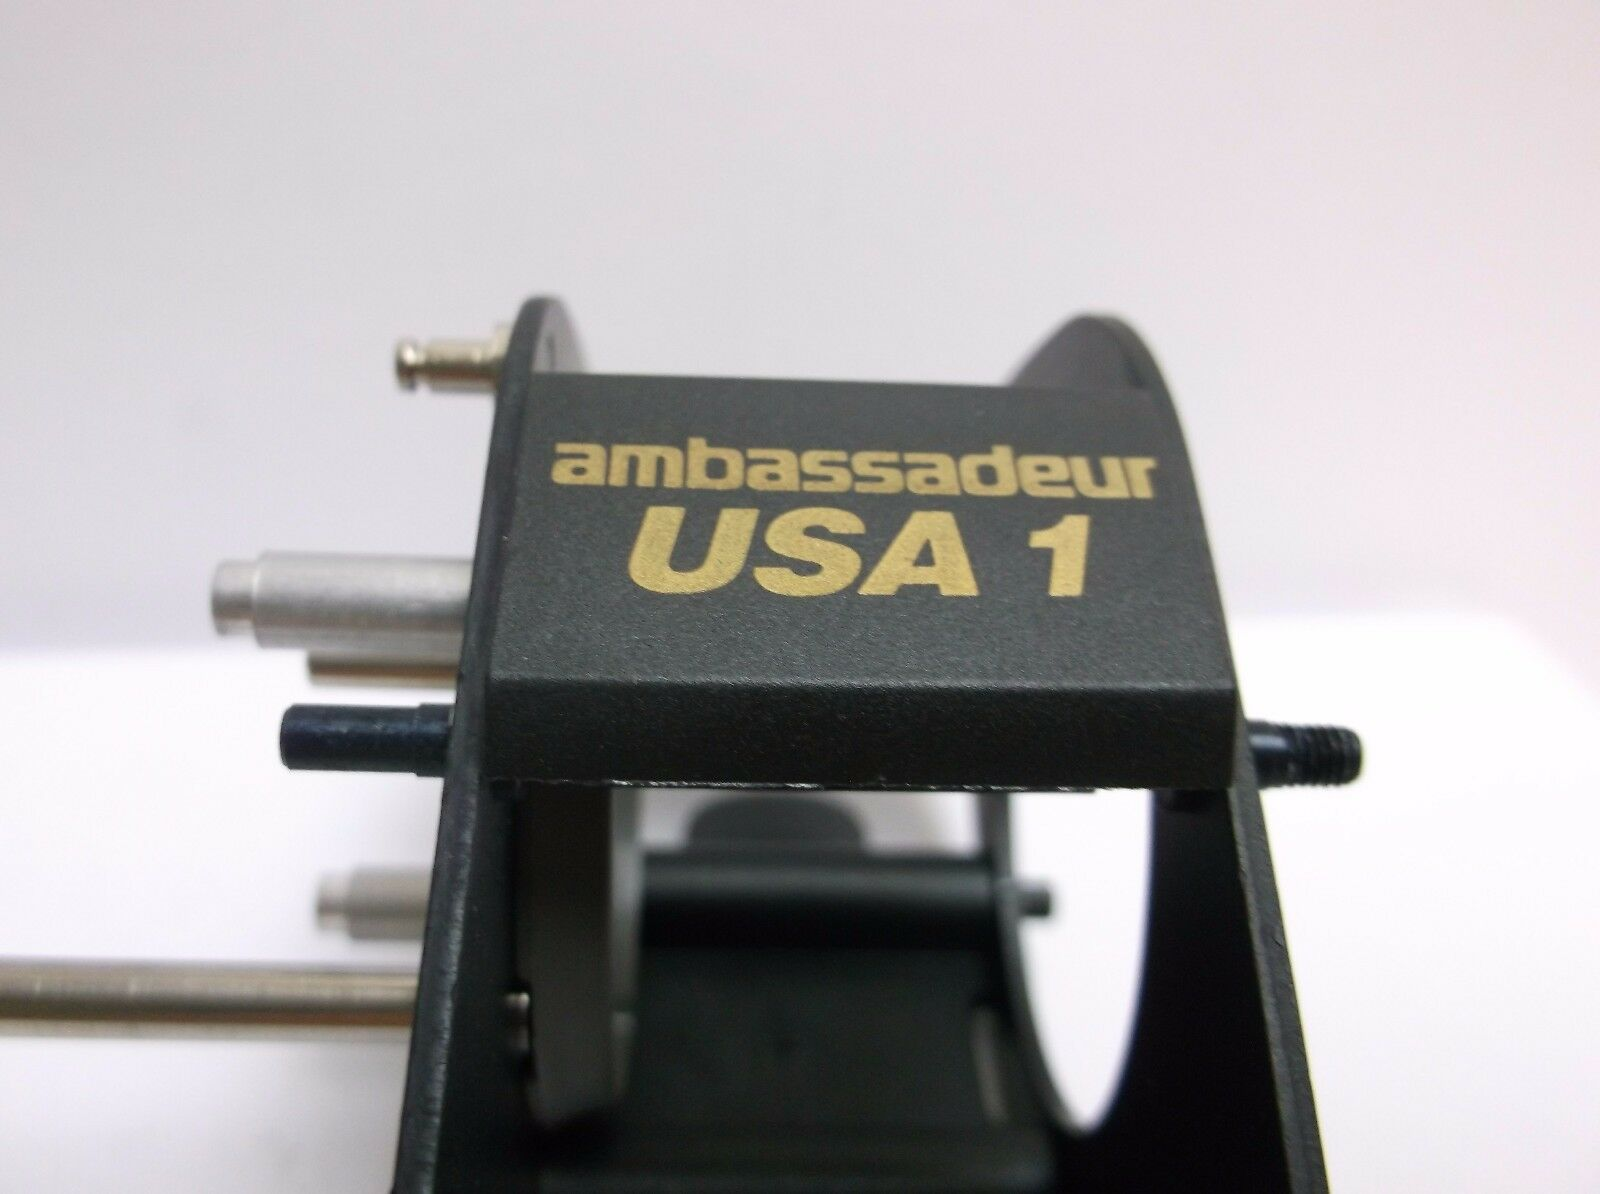 ABU GARCIA SPINNING REEL  PART - 803211 Ambassadeur USA 1 (89-0) - Frame  floor price